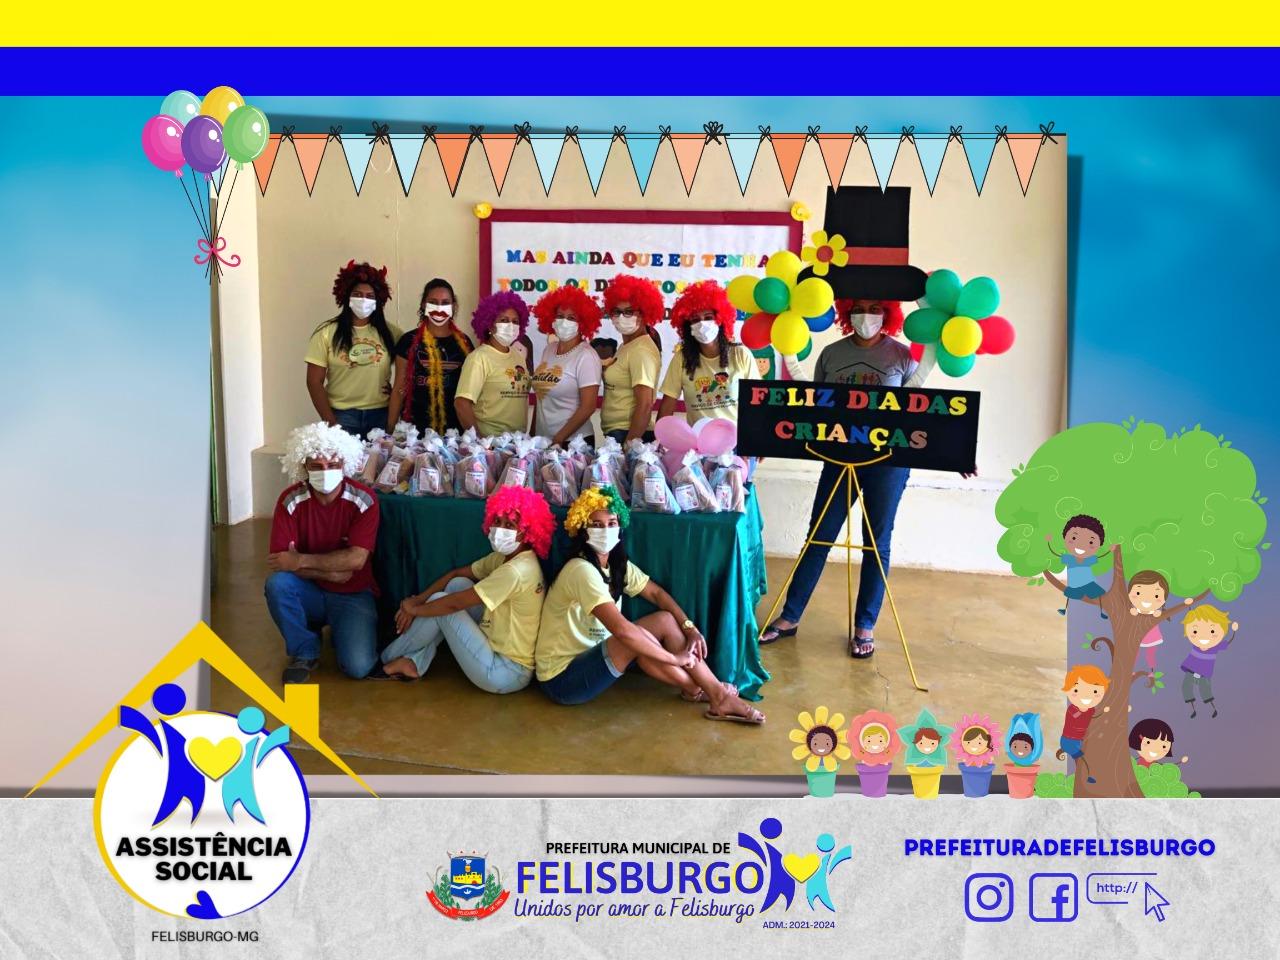 A PREFEITURA MUNICIPAL DE FELISBURGO JUNTAMENTE COM ...